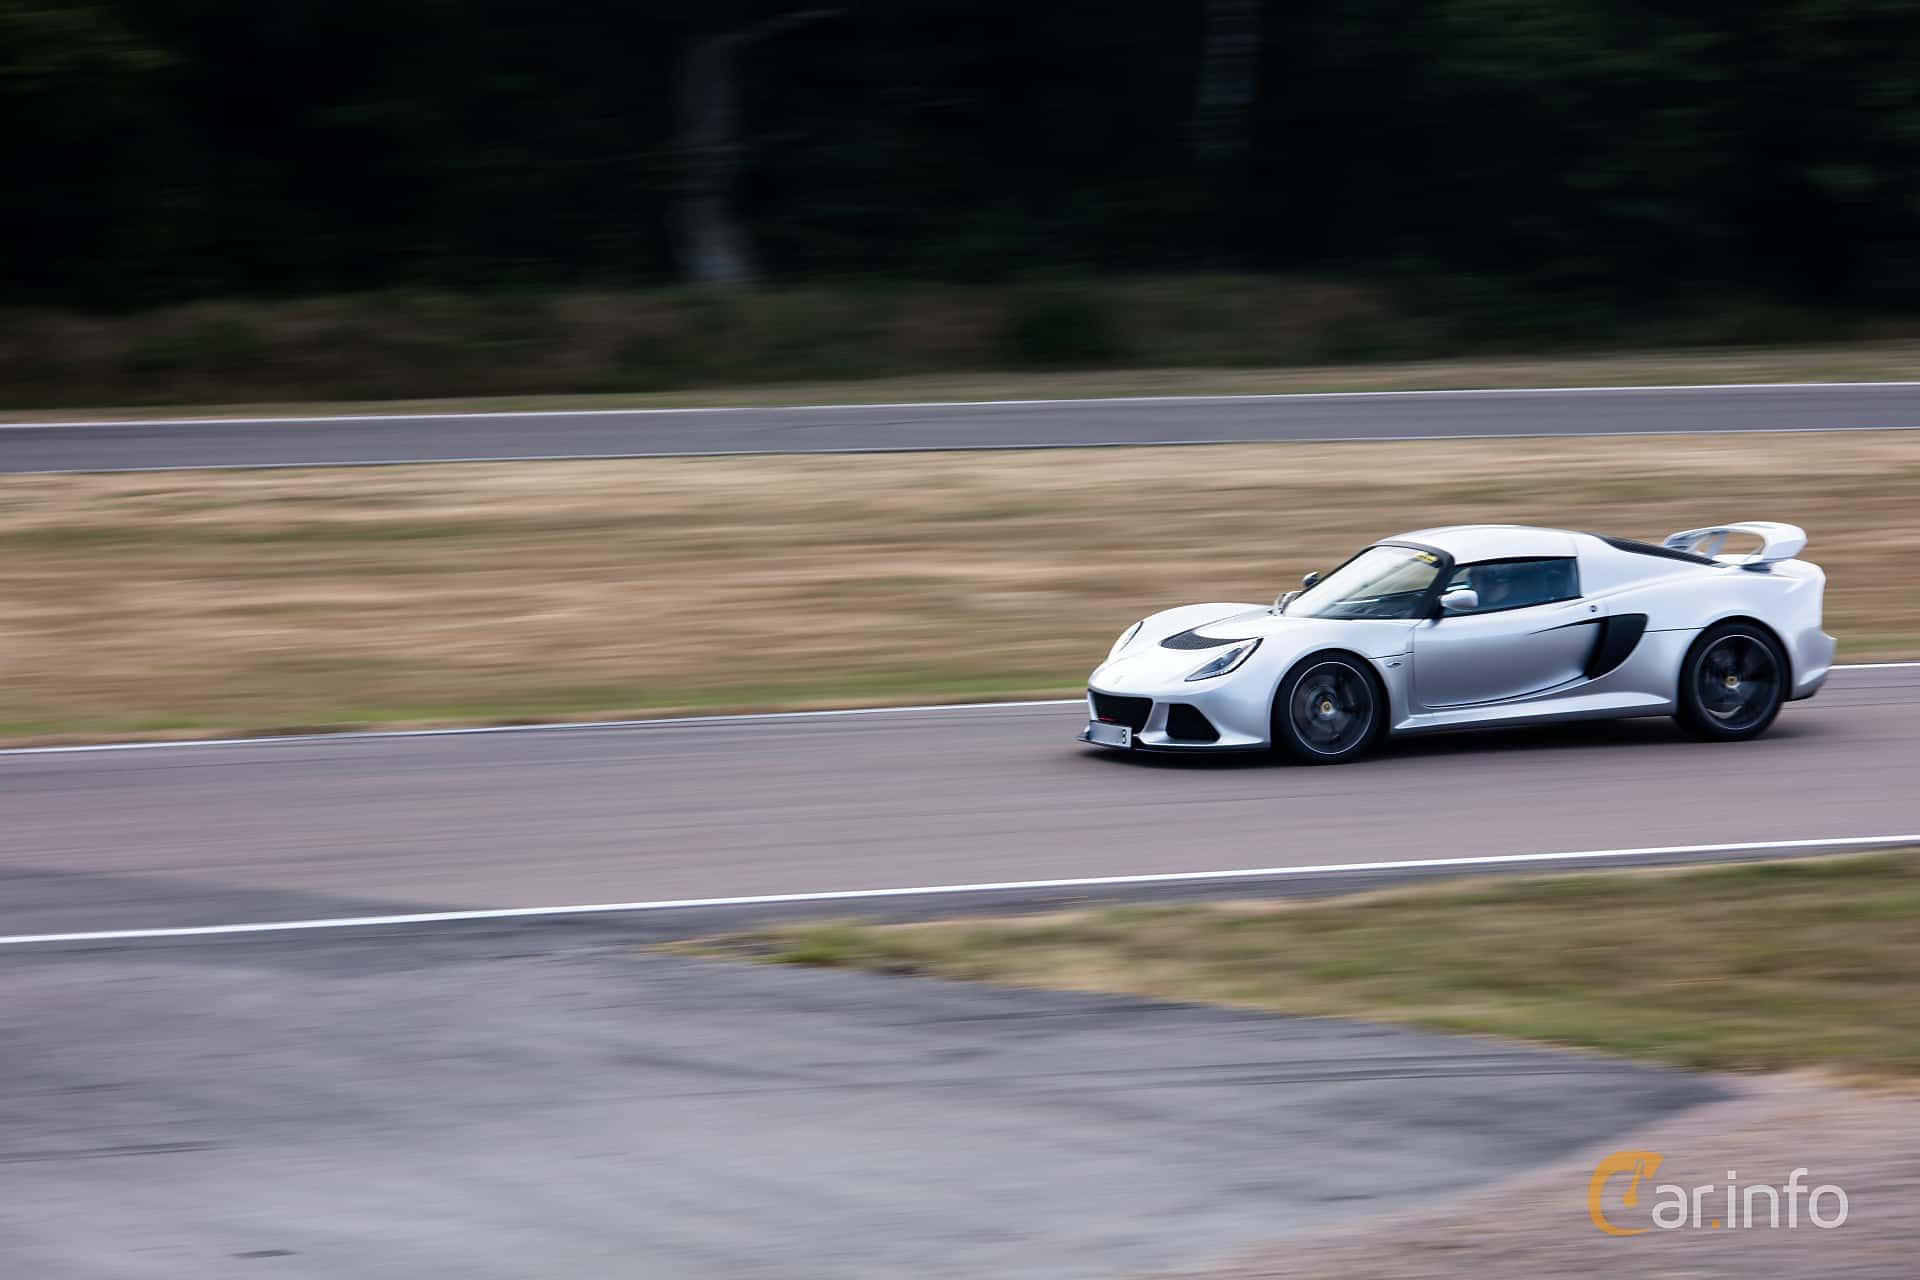 Lotus Exige S 3.5 V6 VVT-i Manuell, 350hk, 2014 at JapTuning Trackday 2018 Knutstorp